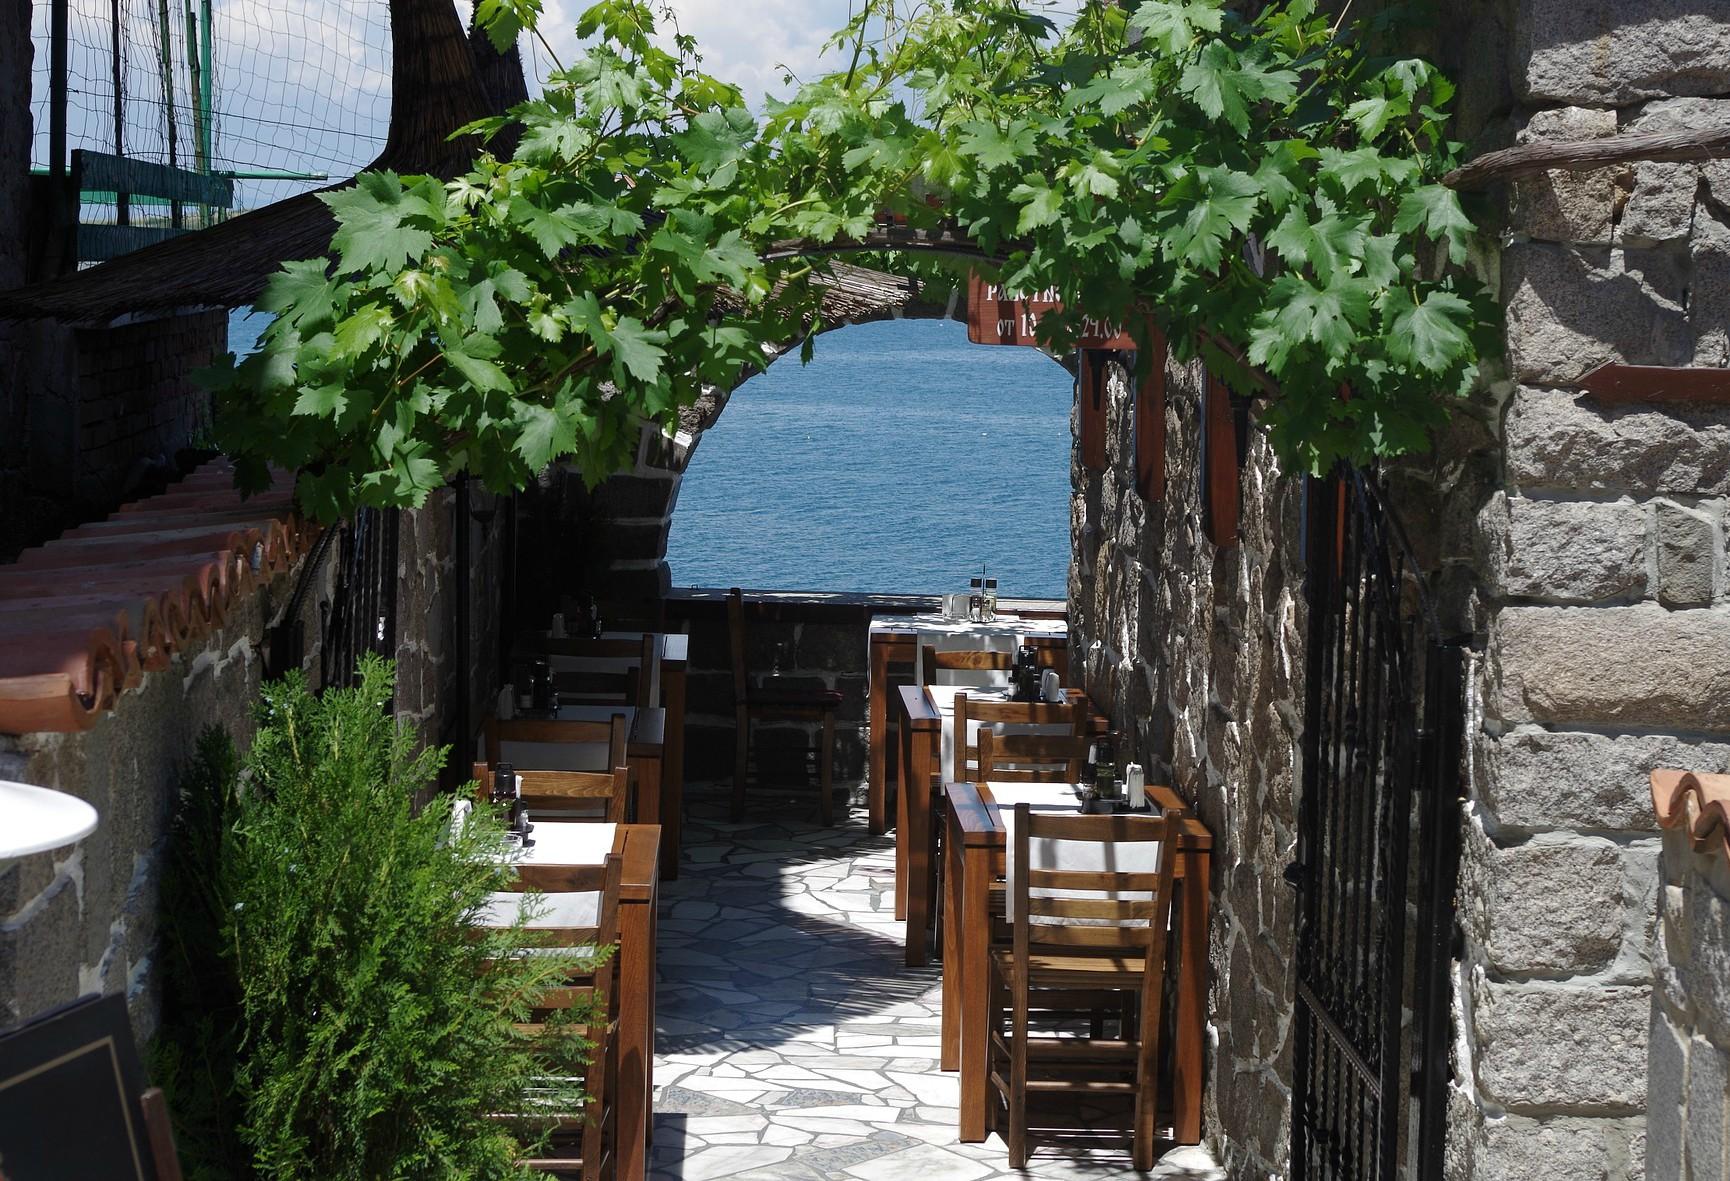 ristorante tipico con vista sul mare e pergolato verde